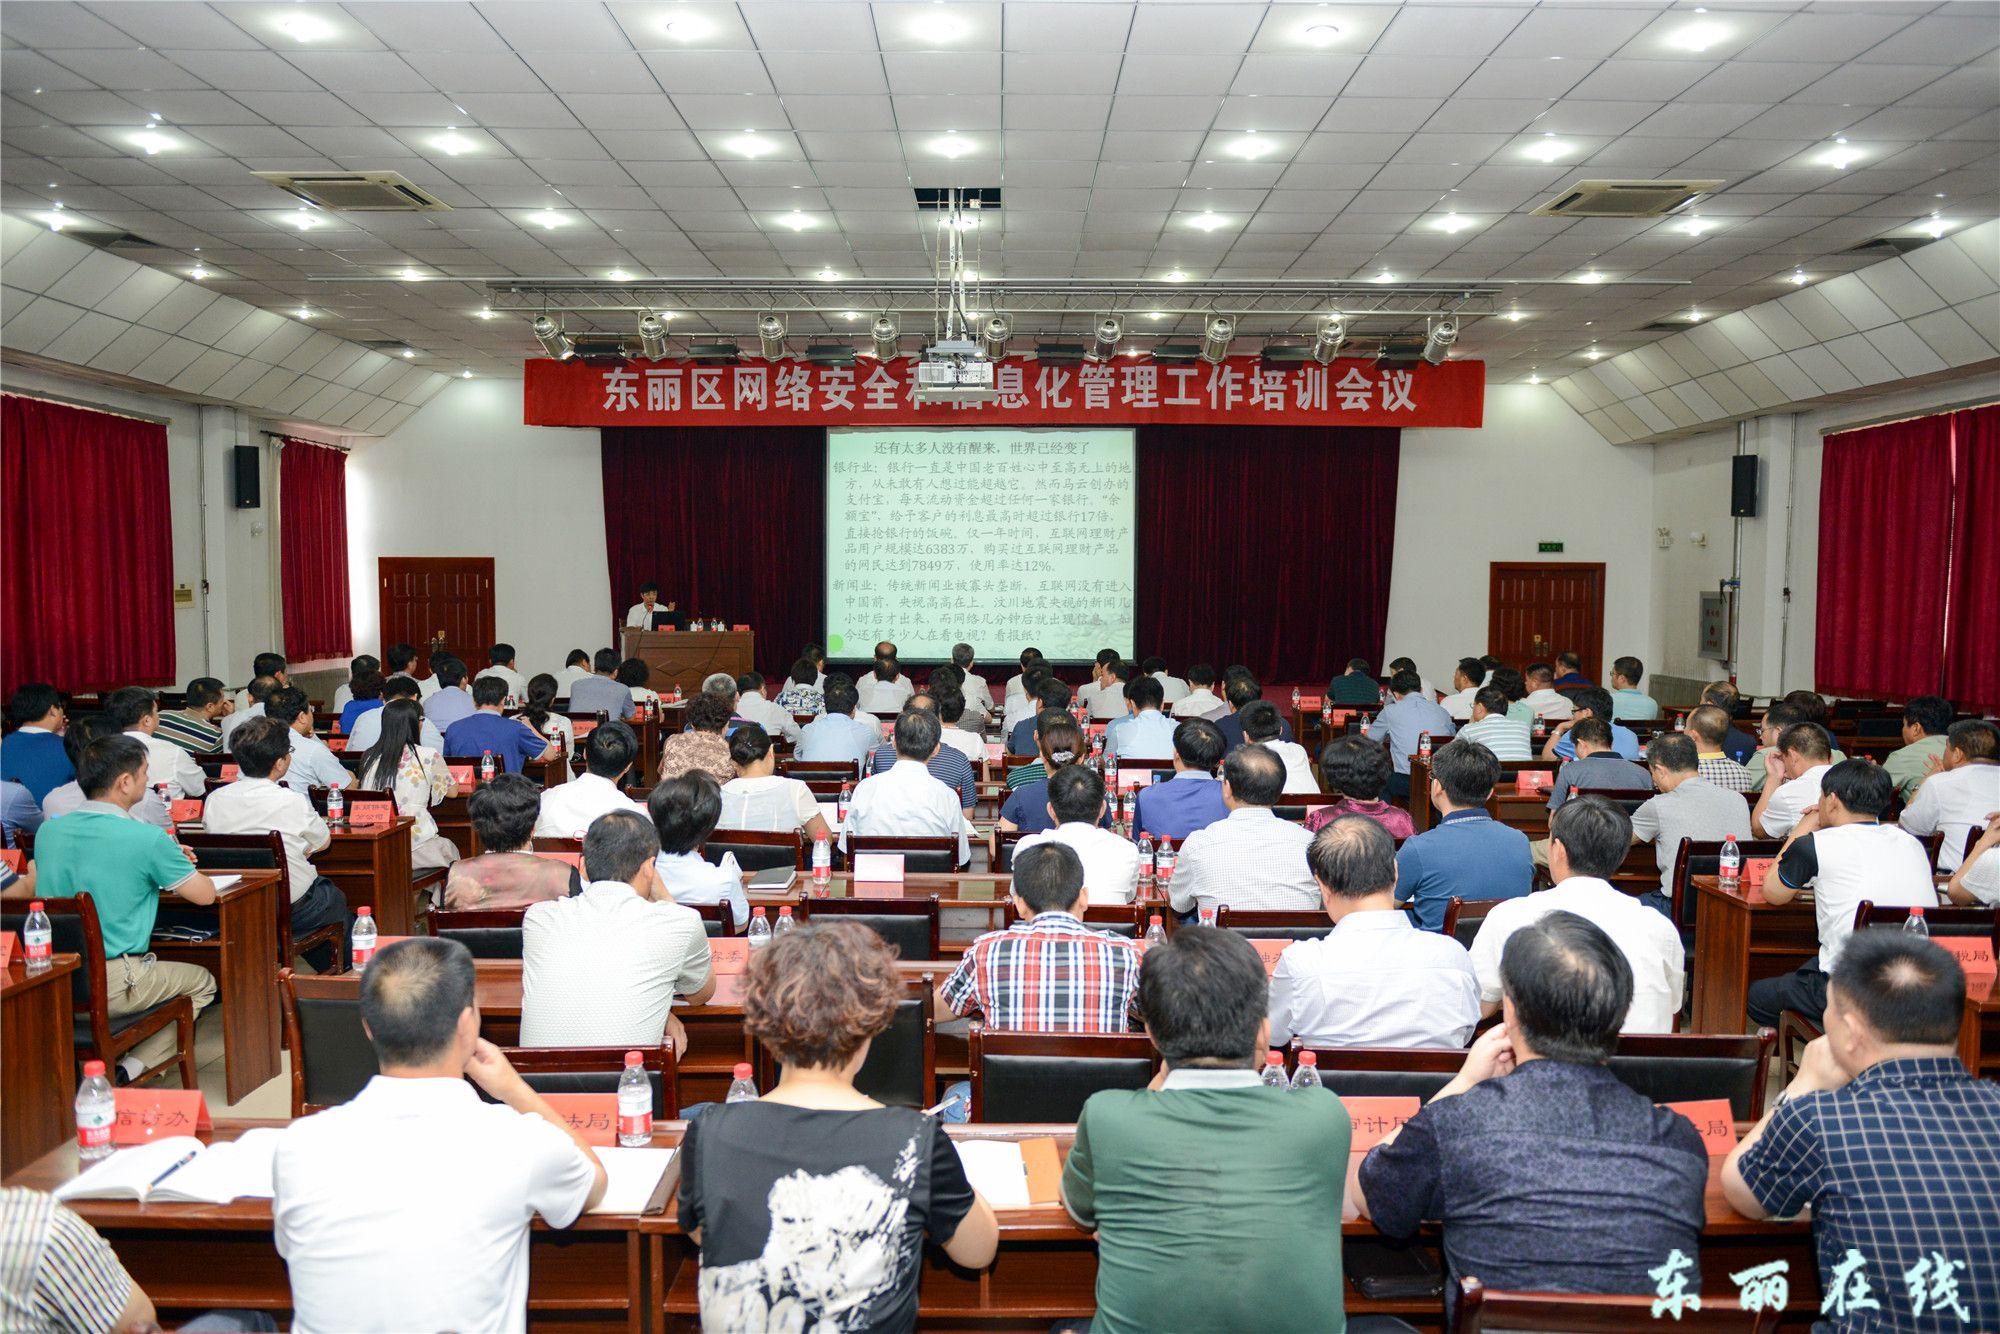 我区召开网络安全和信息化管理工作培训会议